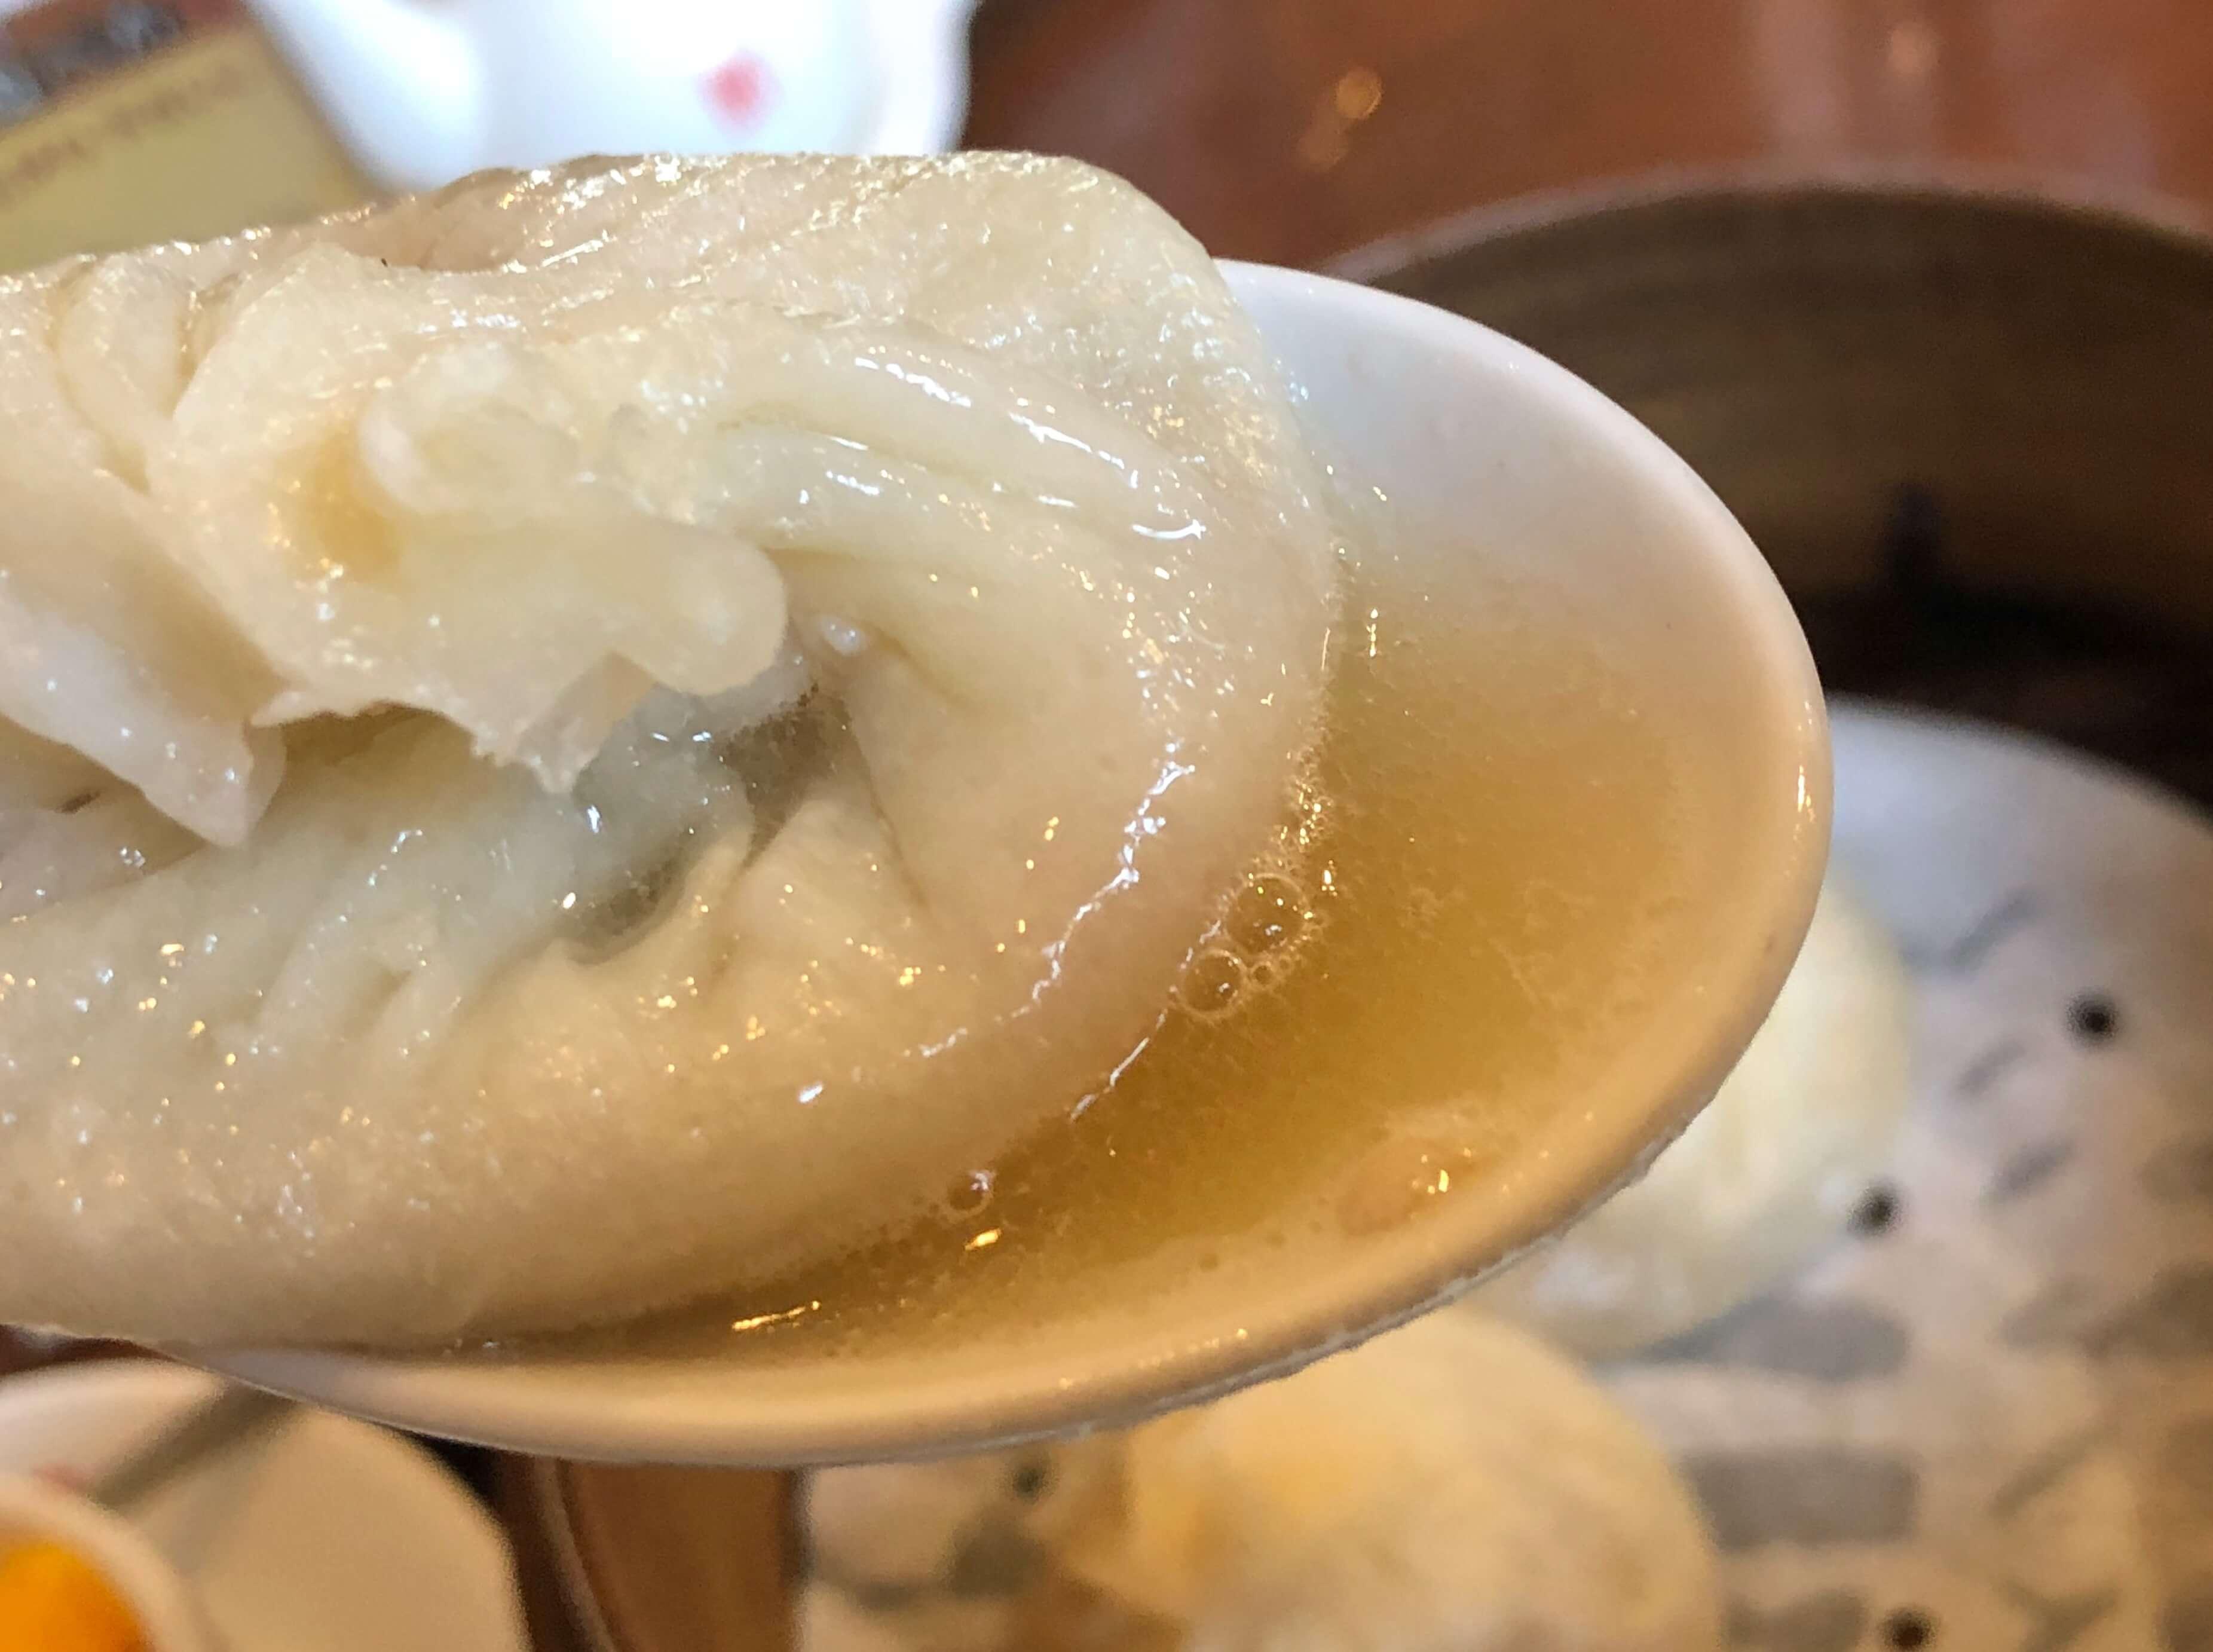 「 上海小籠湯包 」旨い小籠包食べるならここオススメっす!